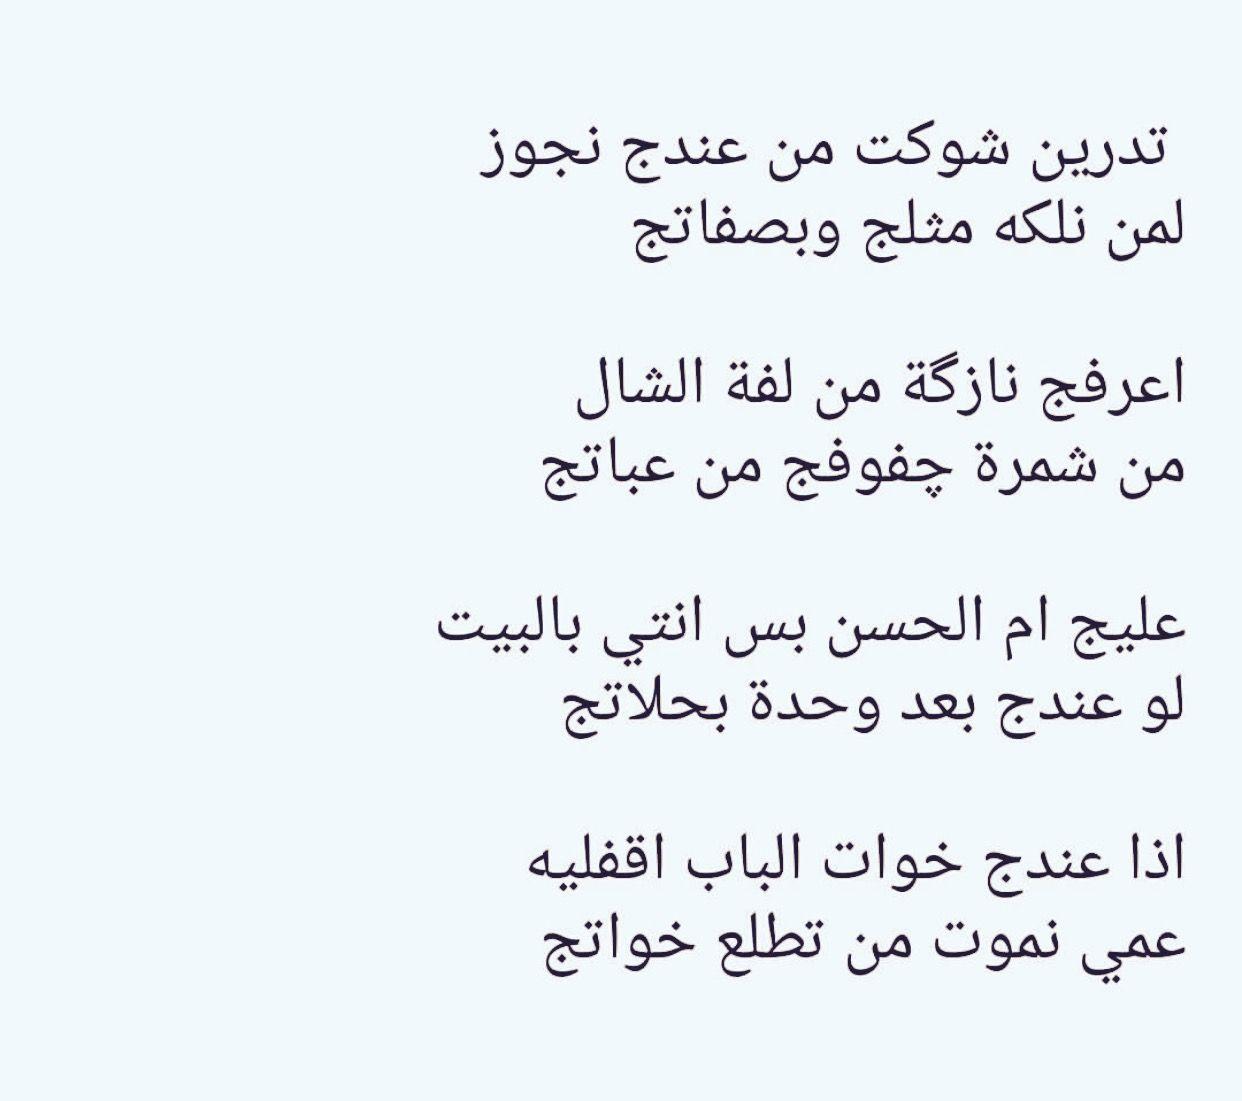 بالصور شعر عراقي شعبي , اجمل الاشعار الشعبيه العراقيه 414 1